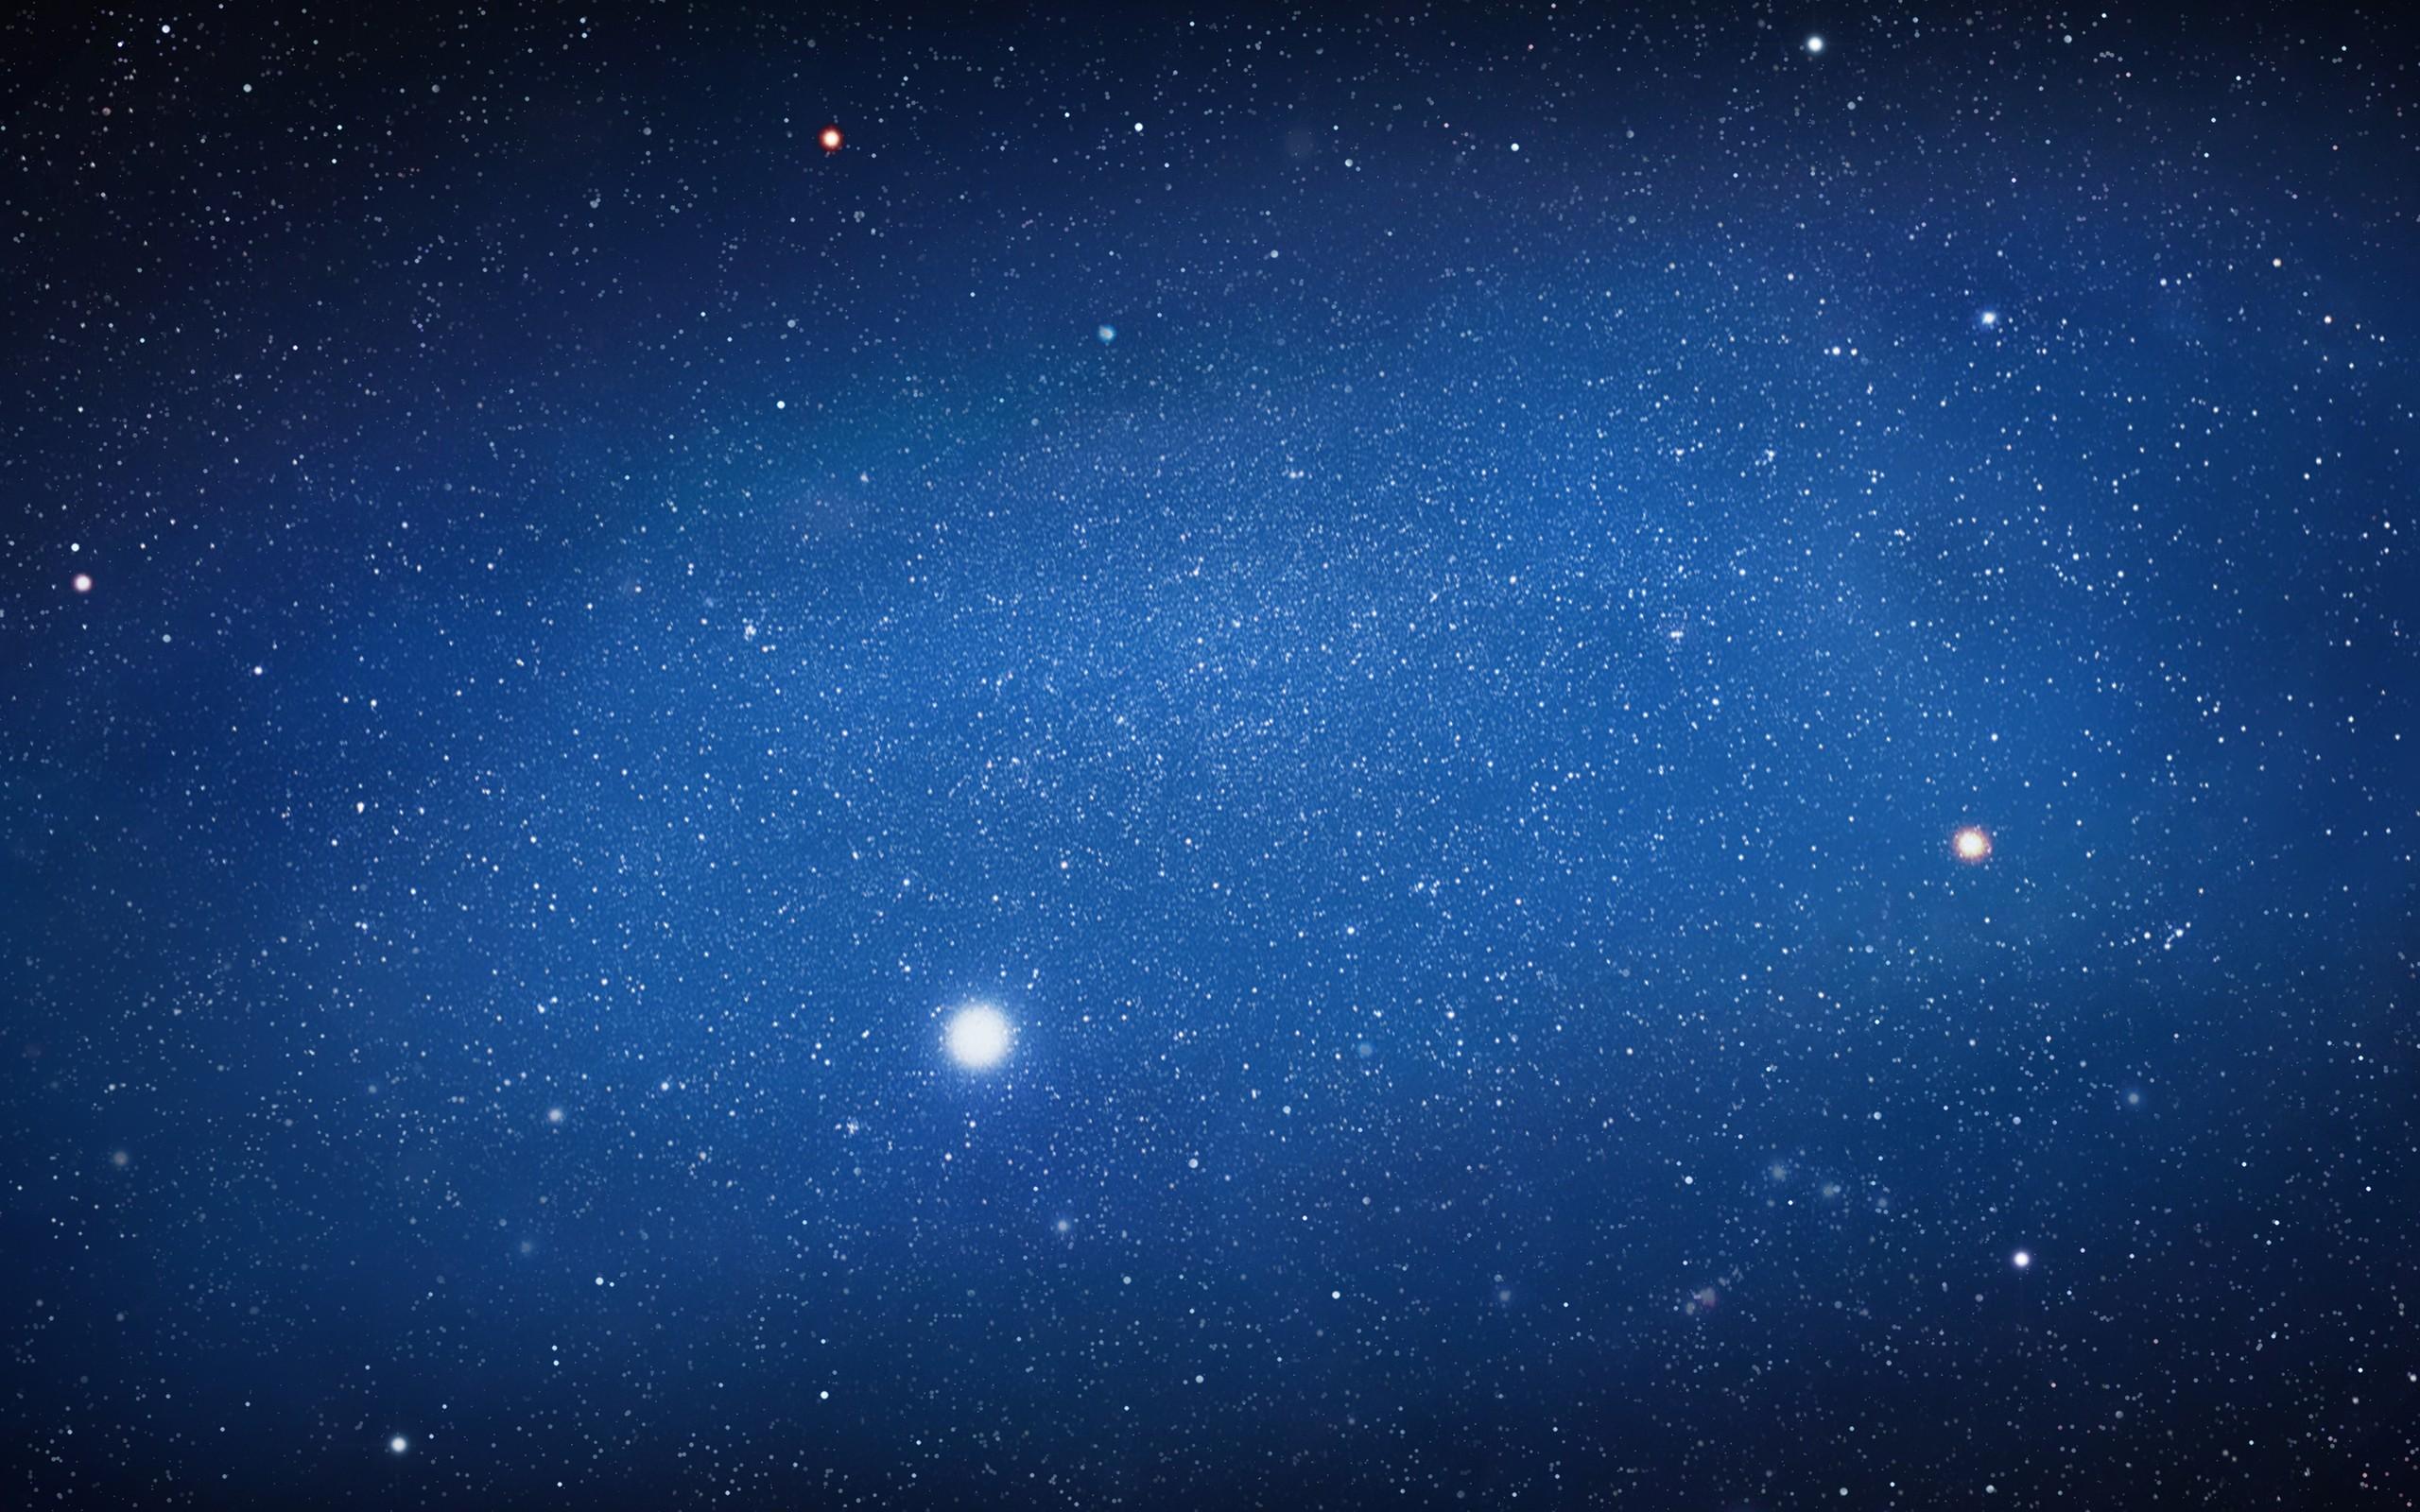 Estrellas en el espacio - 2560x1600